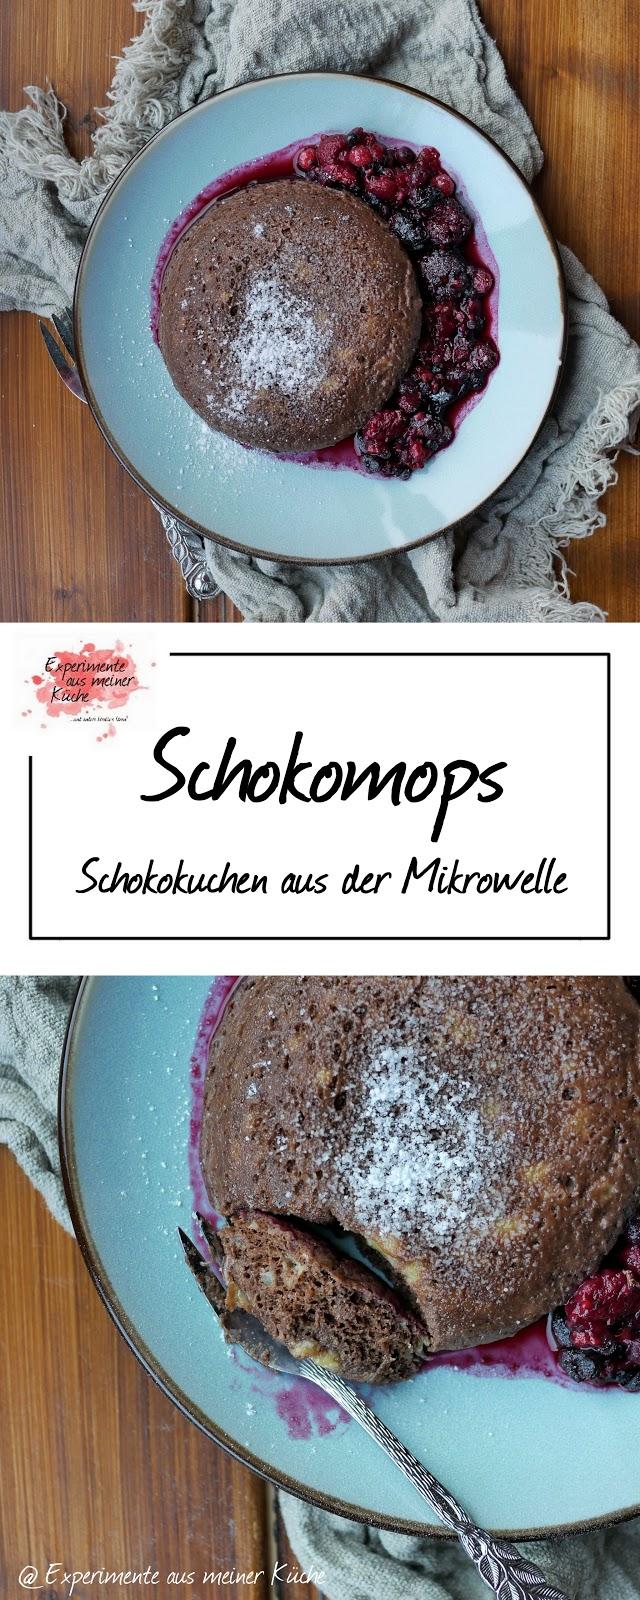 Experimente Aus Meiner Kuche Schokomops Kuchen Aus Der Mikrowelle